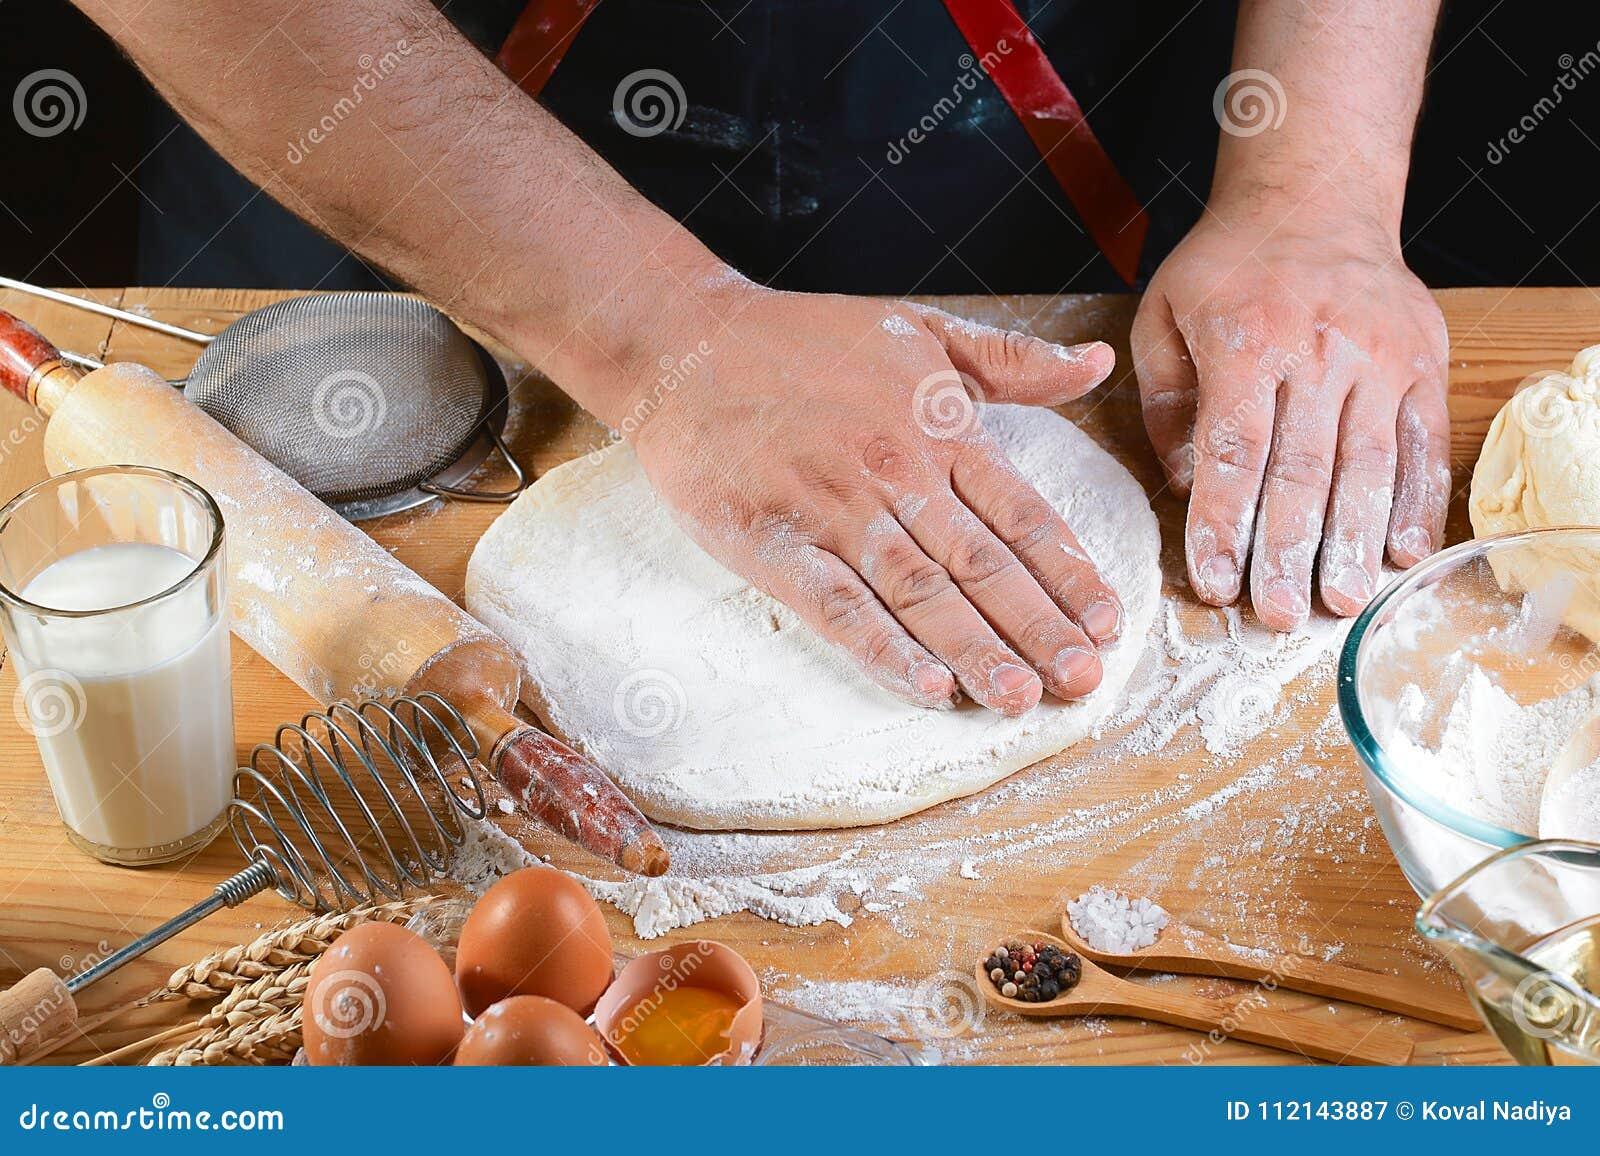 Massa do rolamento do padeiro com os ingredientes da receita do pão, da pizza ou da torta da farinha com mãos, alimento no fundo